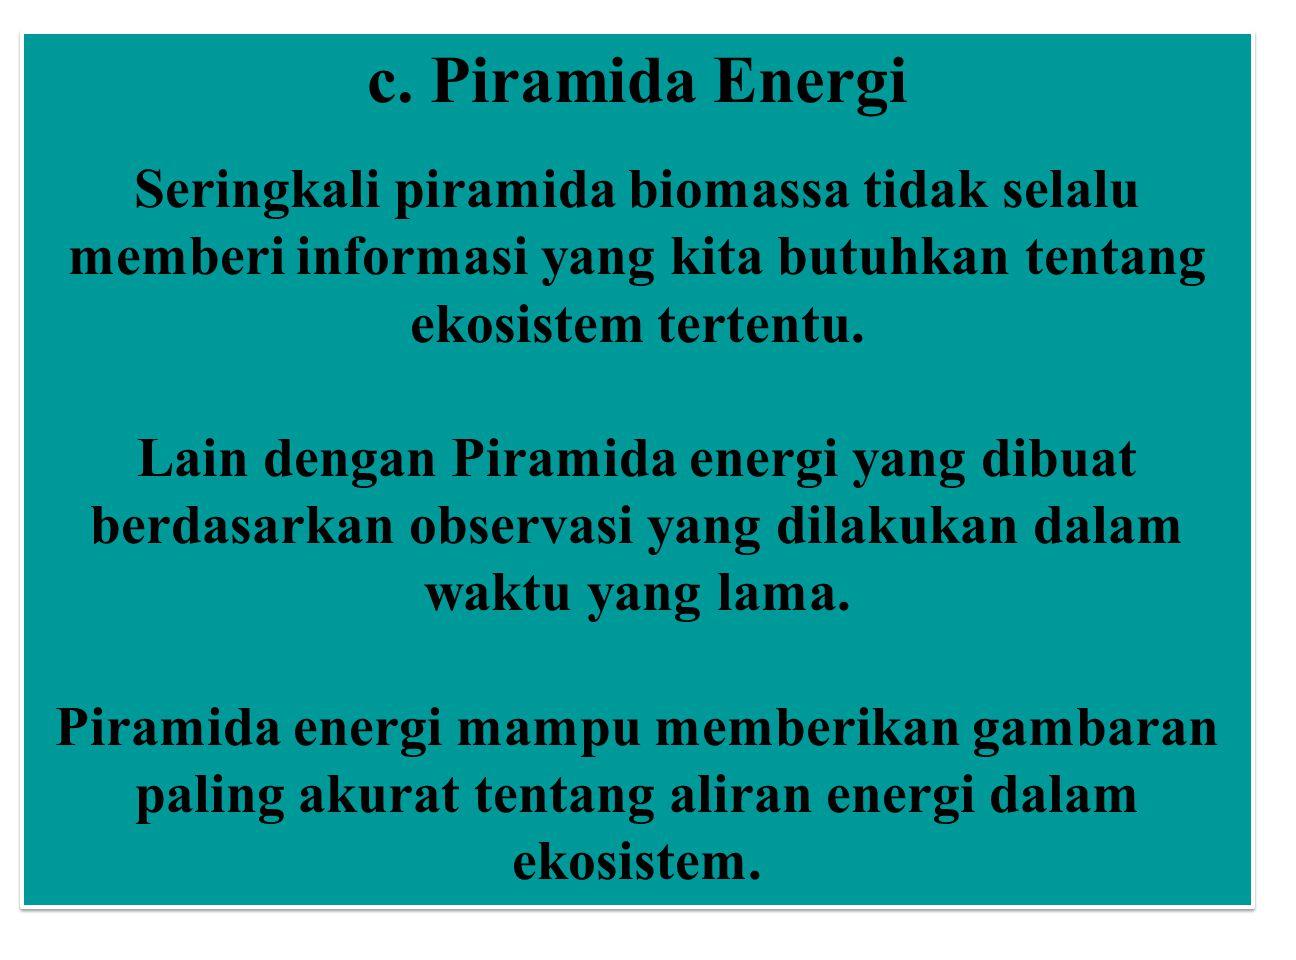 c. Piramida Energi Seringkali piramida biomassa tidak selalu memberi informasi yang kita butuhkan tentang ekosistem tertentu.